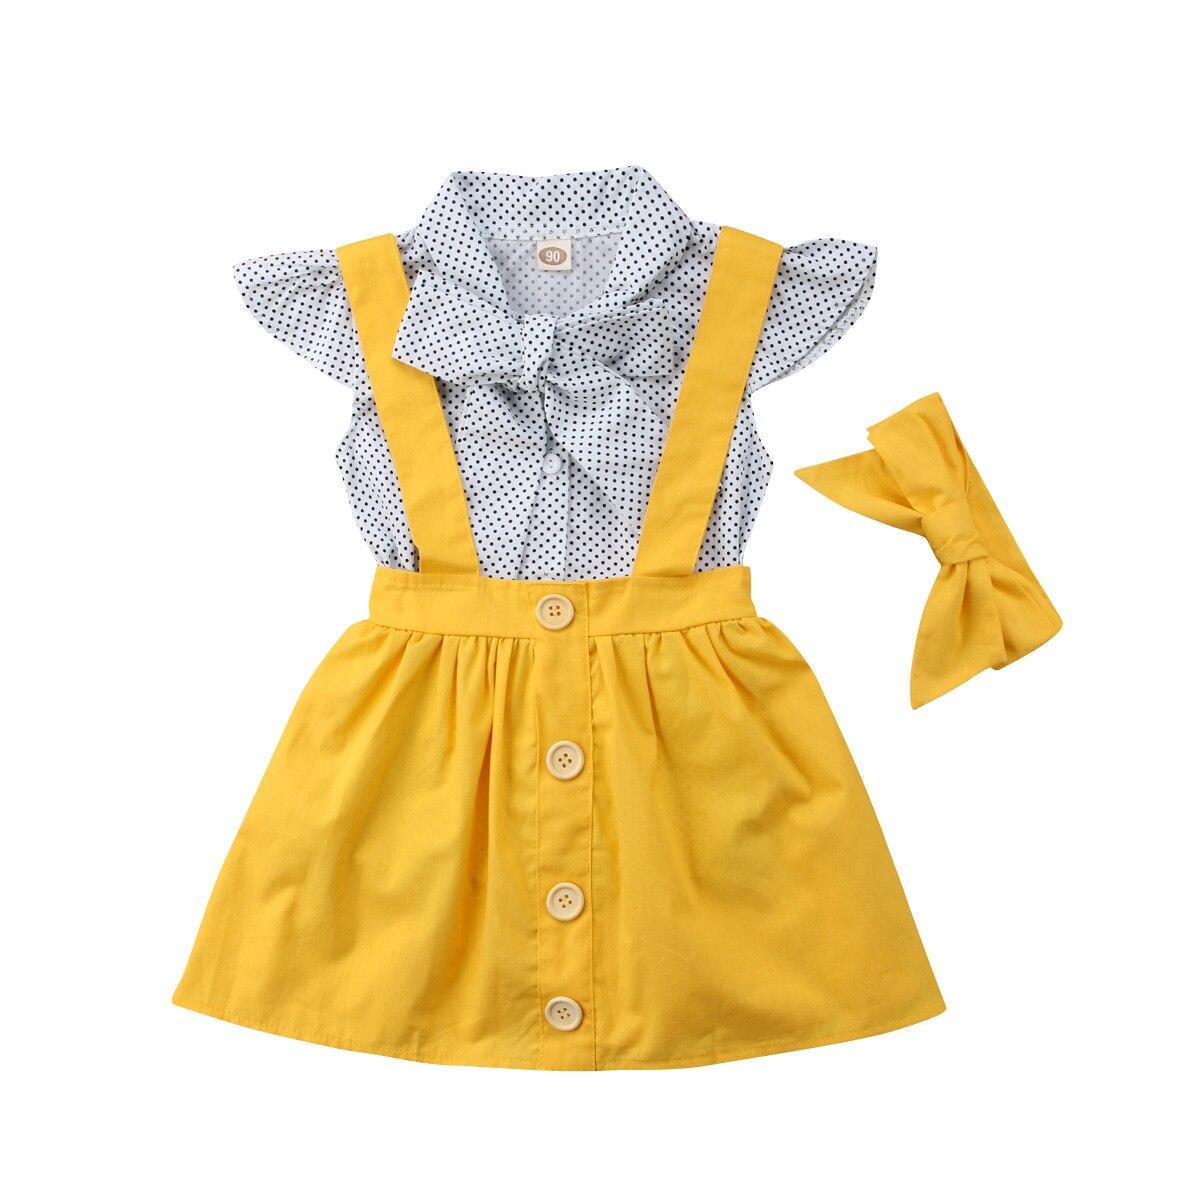 2018 FOCUSNORM Summer Casual Toddler Kids Baby Girls Dot Sleeveless T-shirt Tops+Suspender Button Skirt Overalls 3PCS